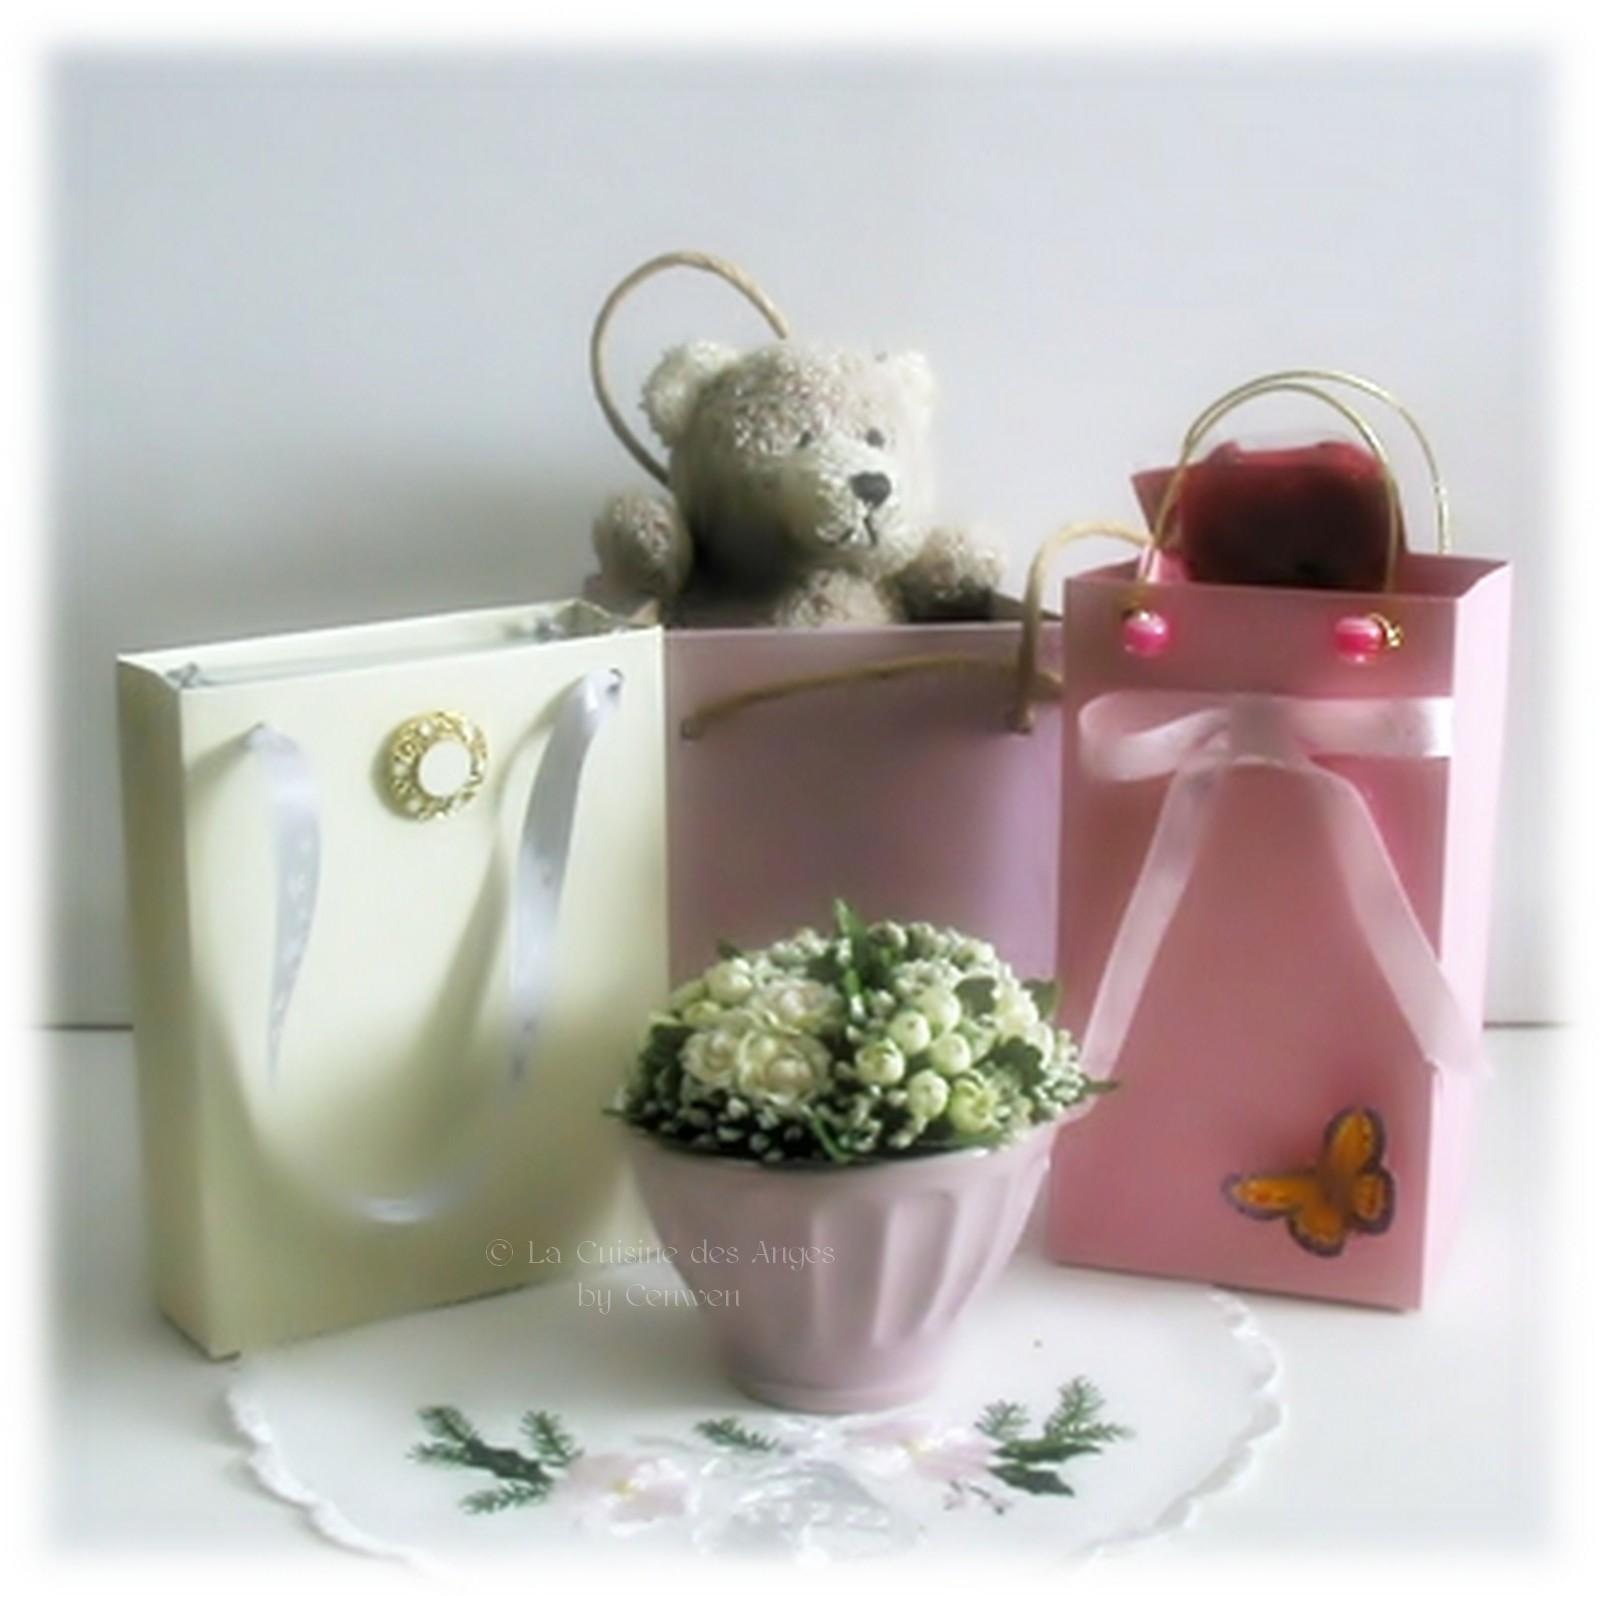 Diy faire de jolis petits sacs emballage cadeaux la - Faire de jolis paquets cadeaux ...